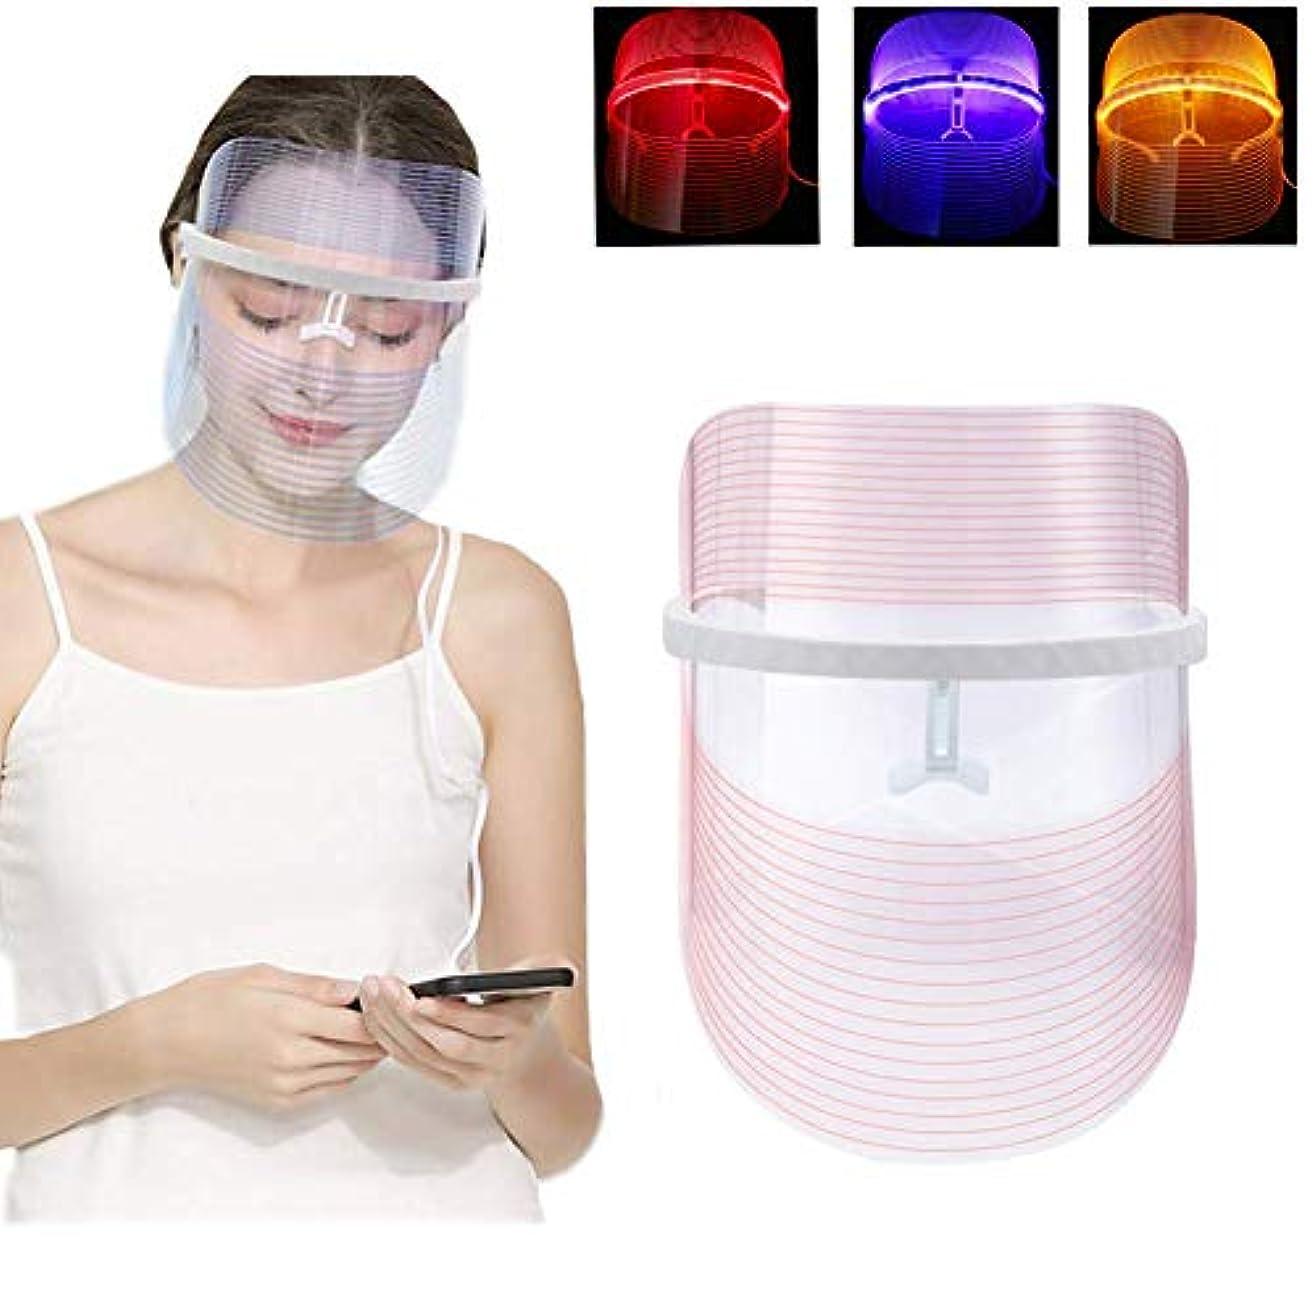 ブース小道懲戒3色LEDライト療法のフェイスマスクの美の器械の顔の鉱泉の処置装置の反アクネのしわの取り外し